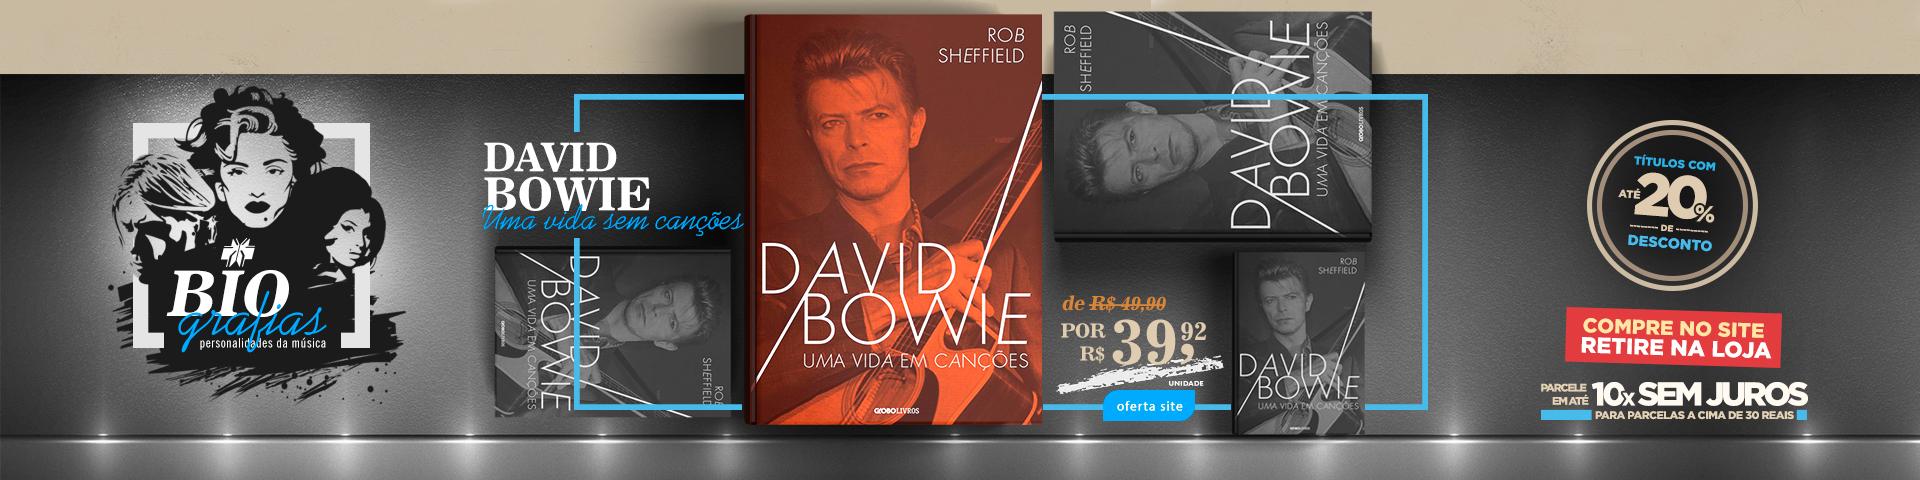 Biografias - Bowie